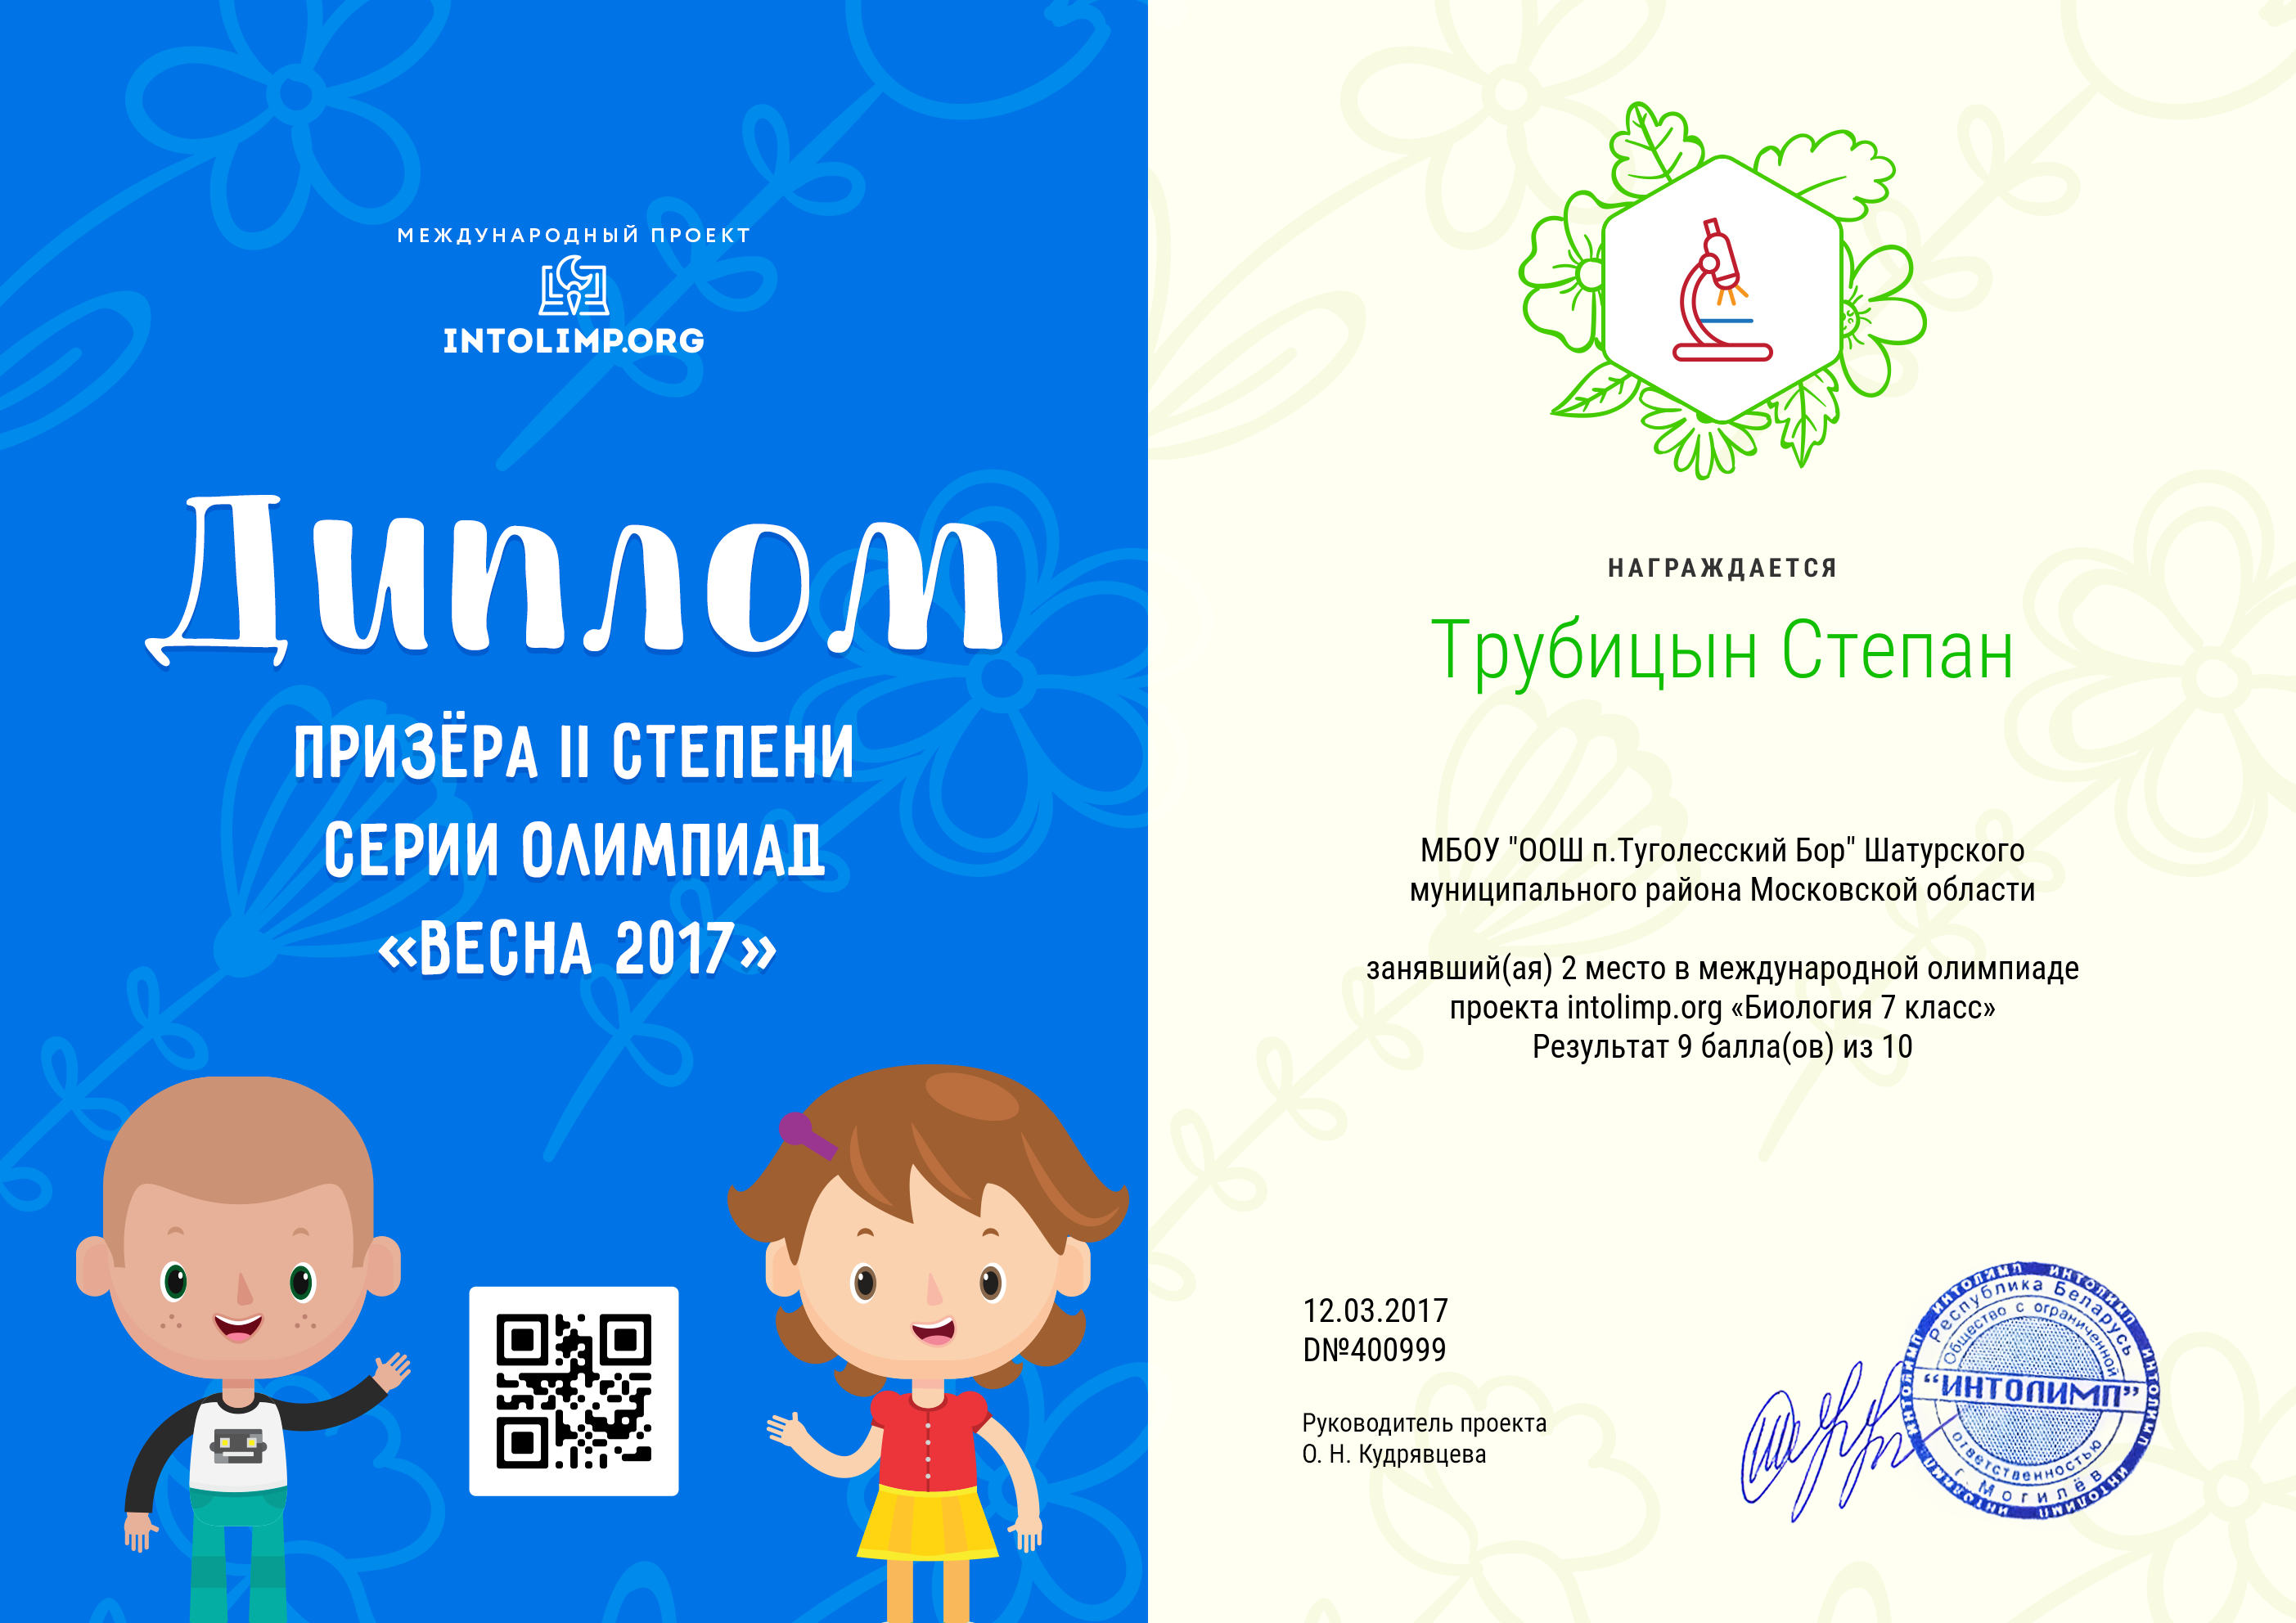 Trubicyn_Stepan_-_diplom_Intolimp.png